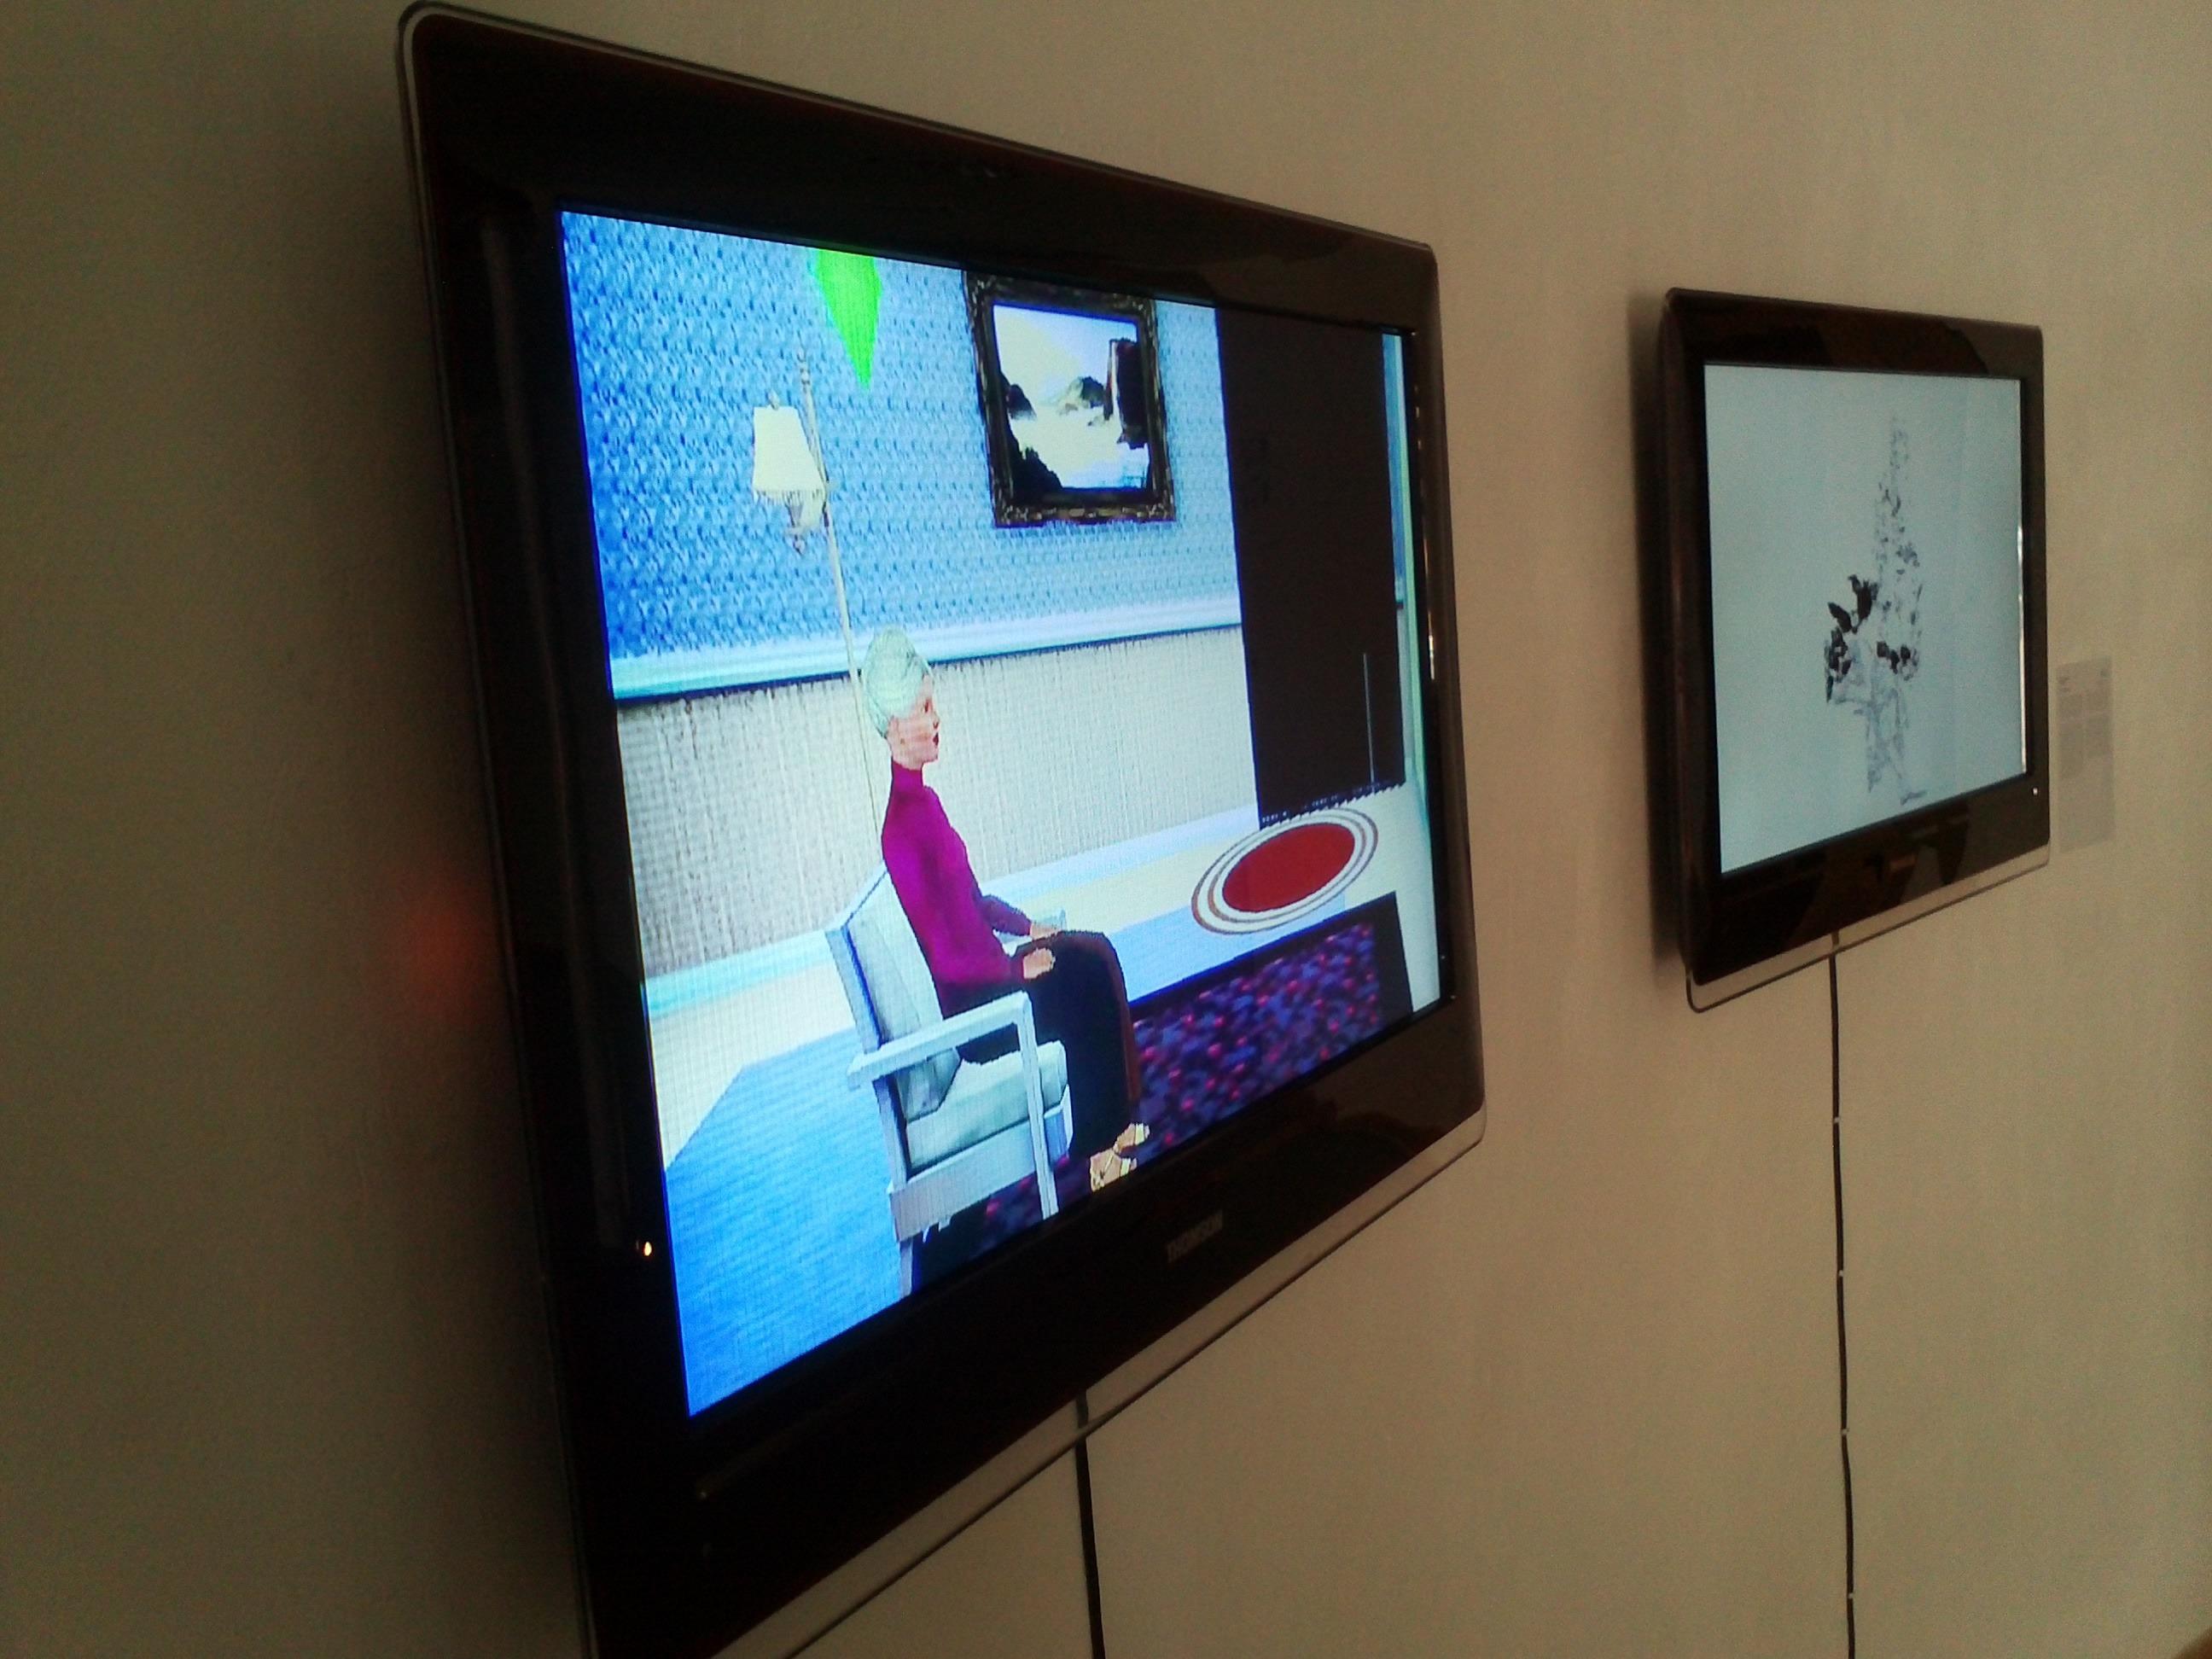 מערך טלווזיות בתערוכה בגלריה על הצוק נתניה